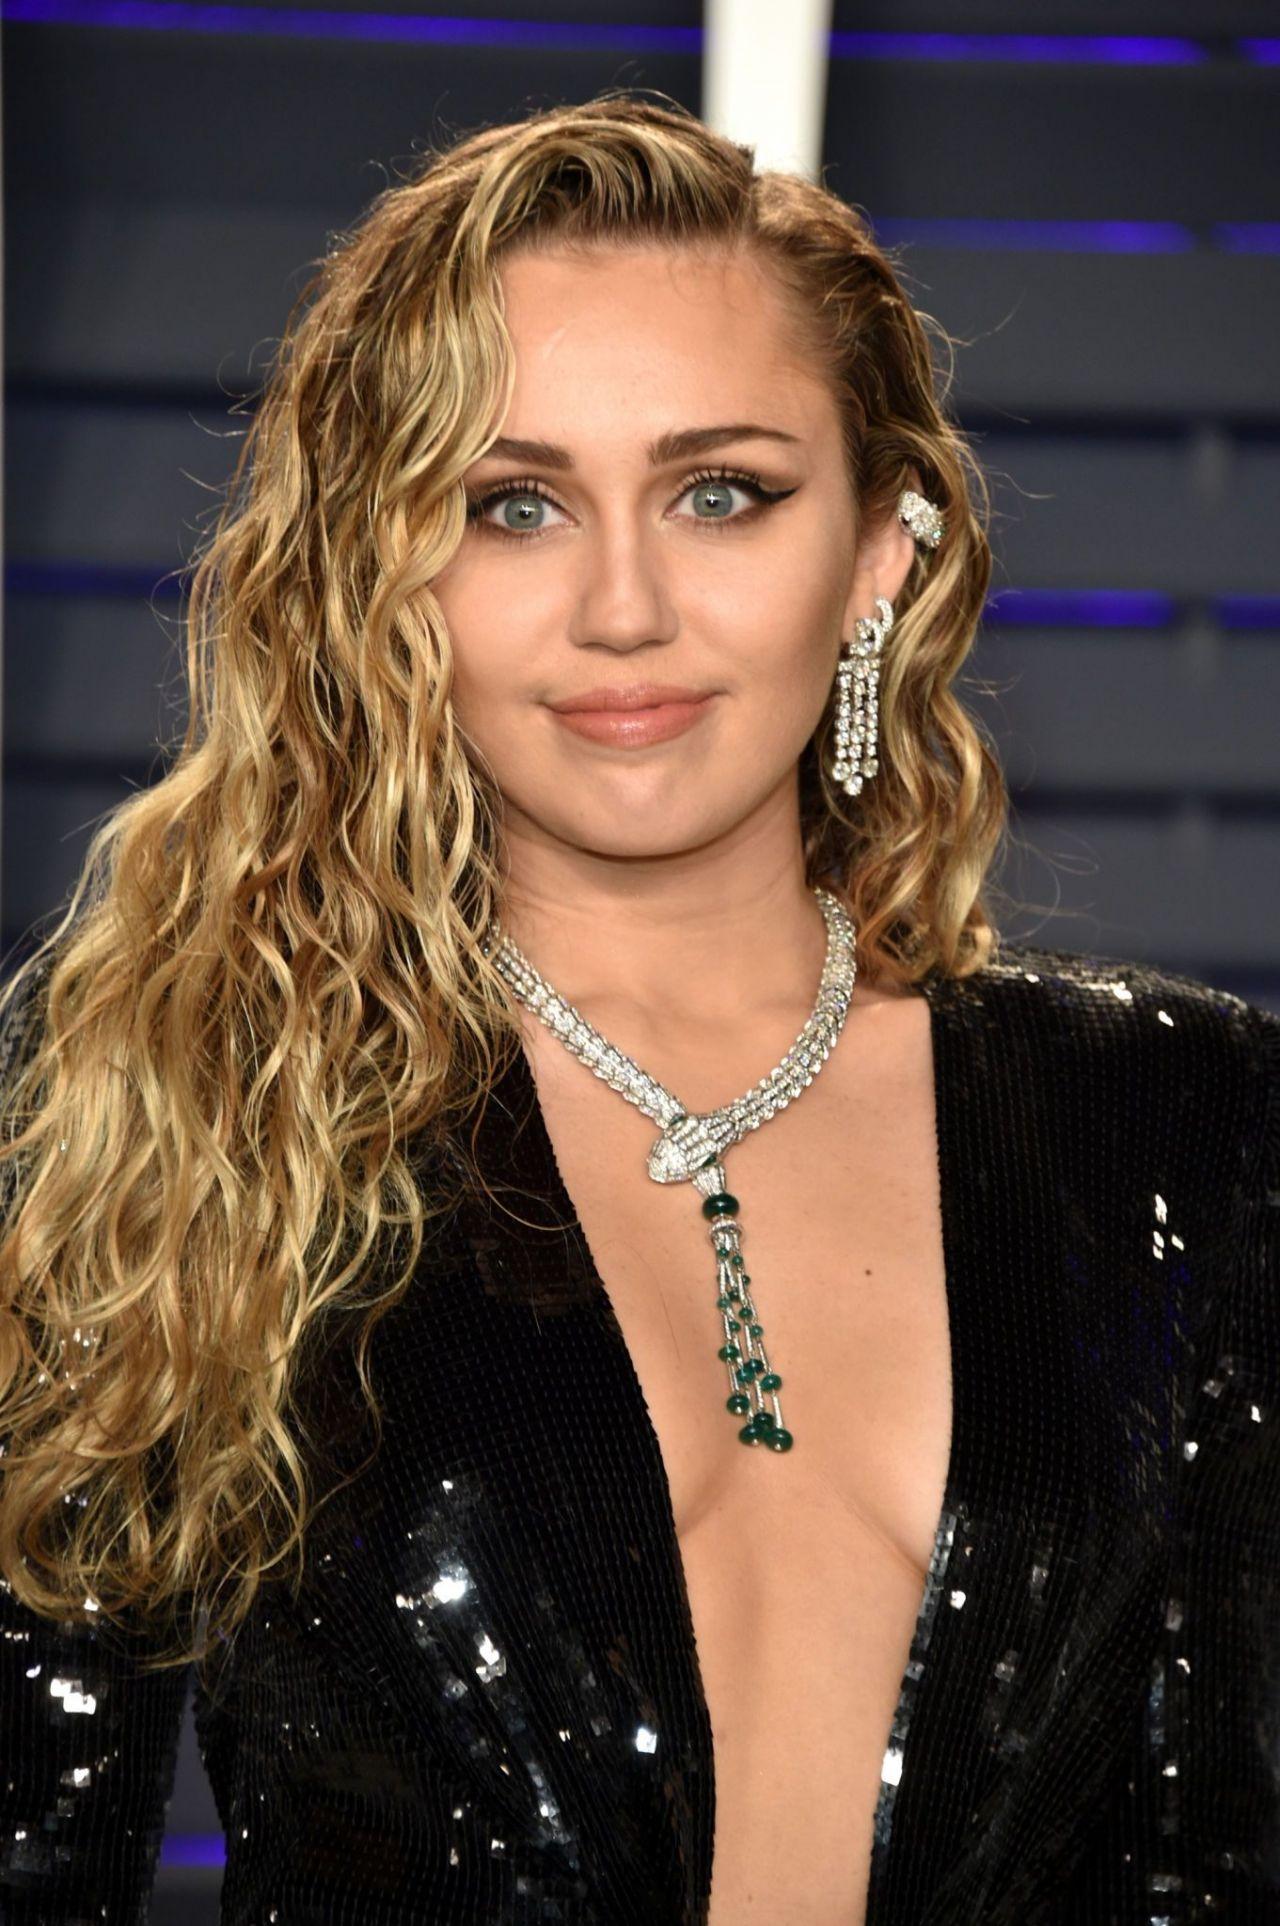 Miley Cyrus – 2019 Vanity Fair Oscar Party Miley Cyrus